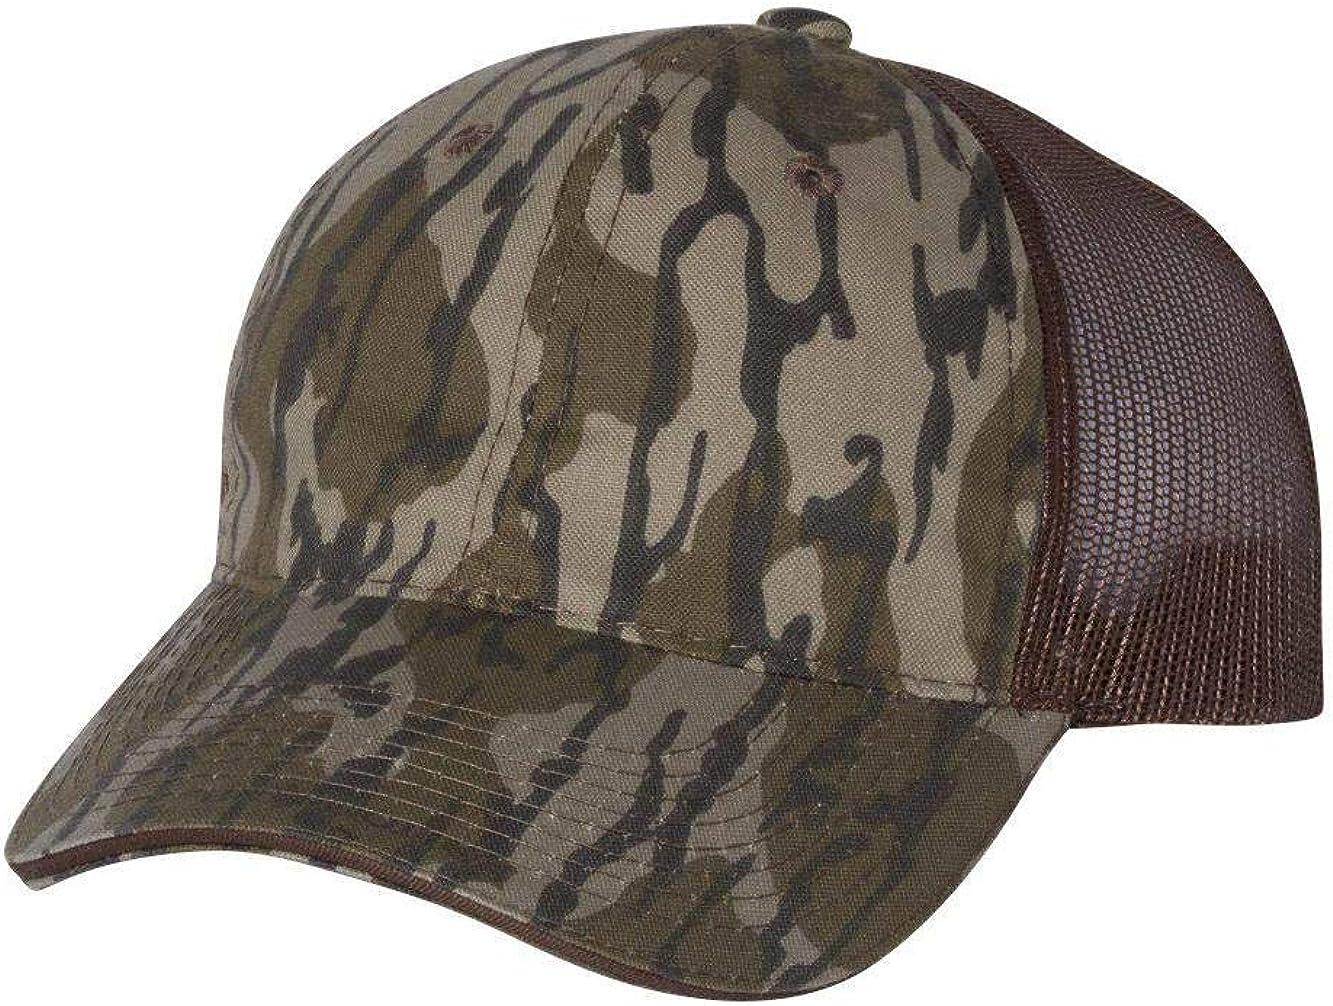 Outdoor Cap - Washed Brushed Mesh-Back Camo Cap - CGWM301